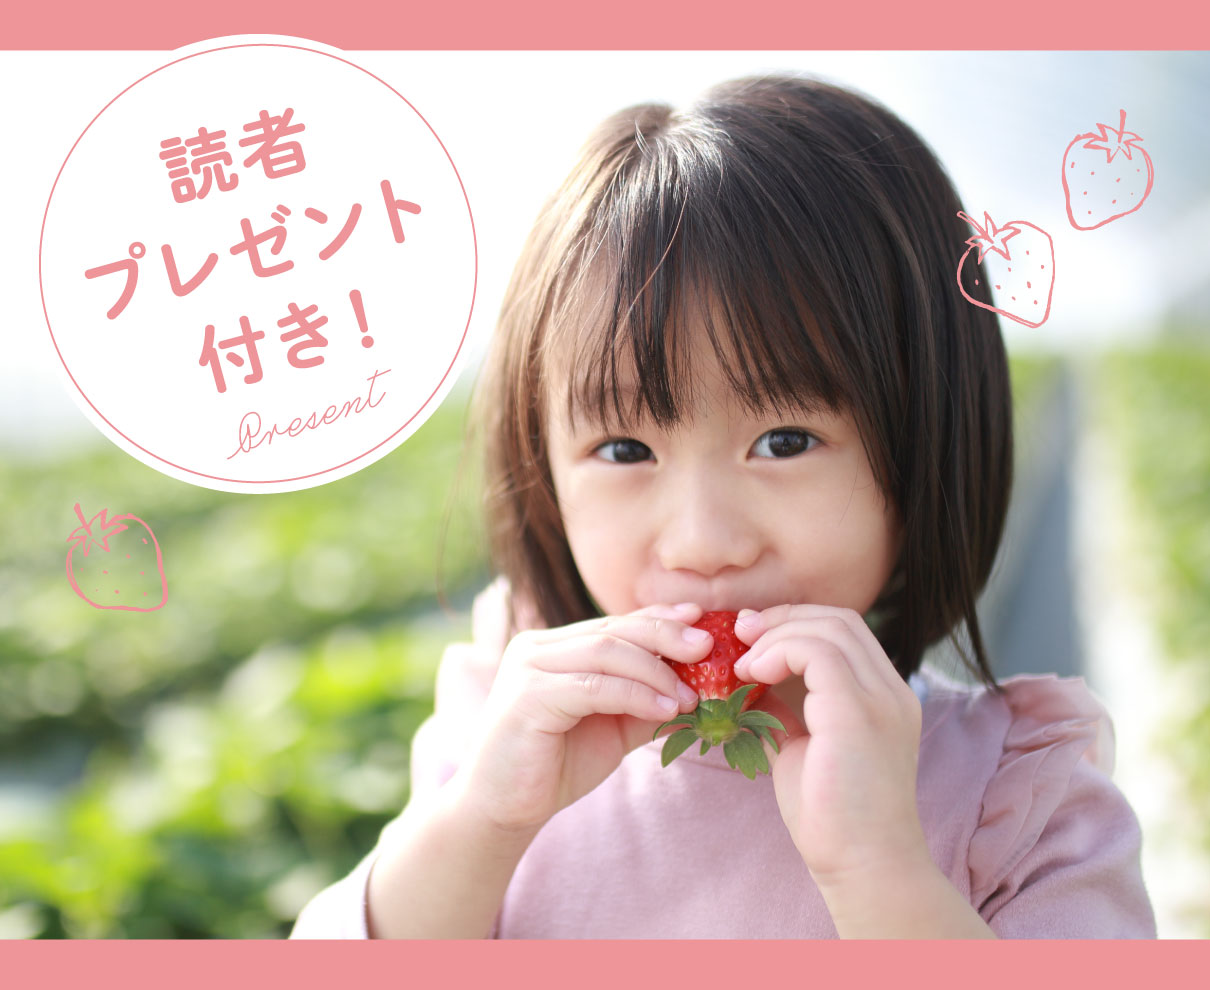 福井のいちご狩りスポット! あま~いイチゴがそろい踏み【プレゼント終了】|子育て情報